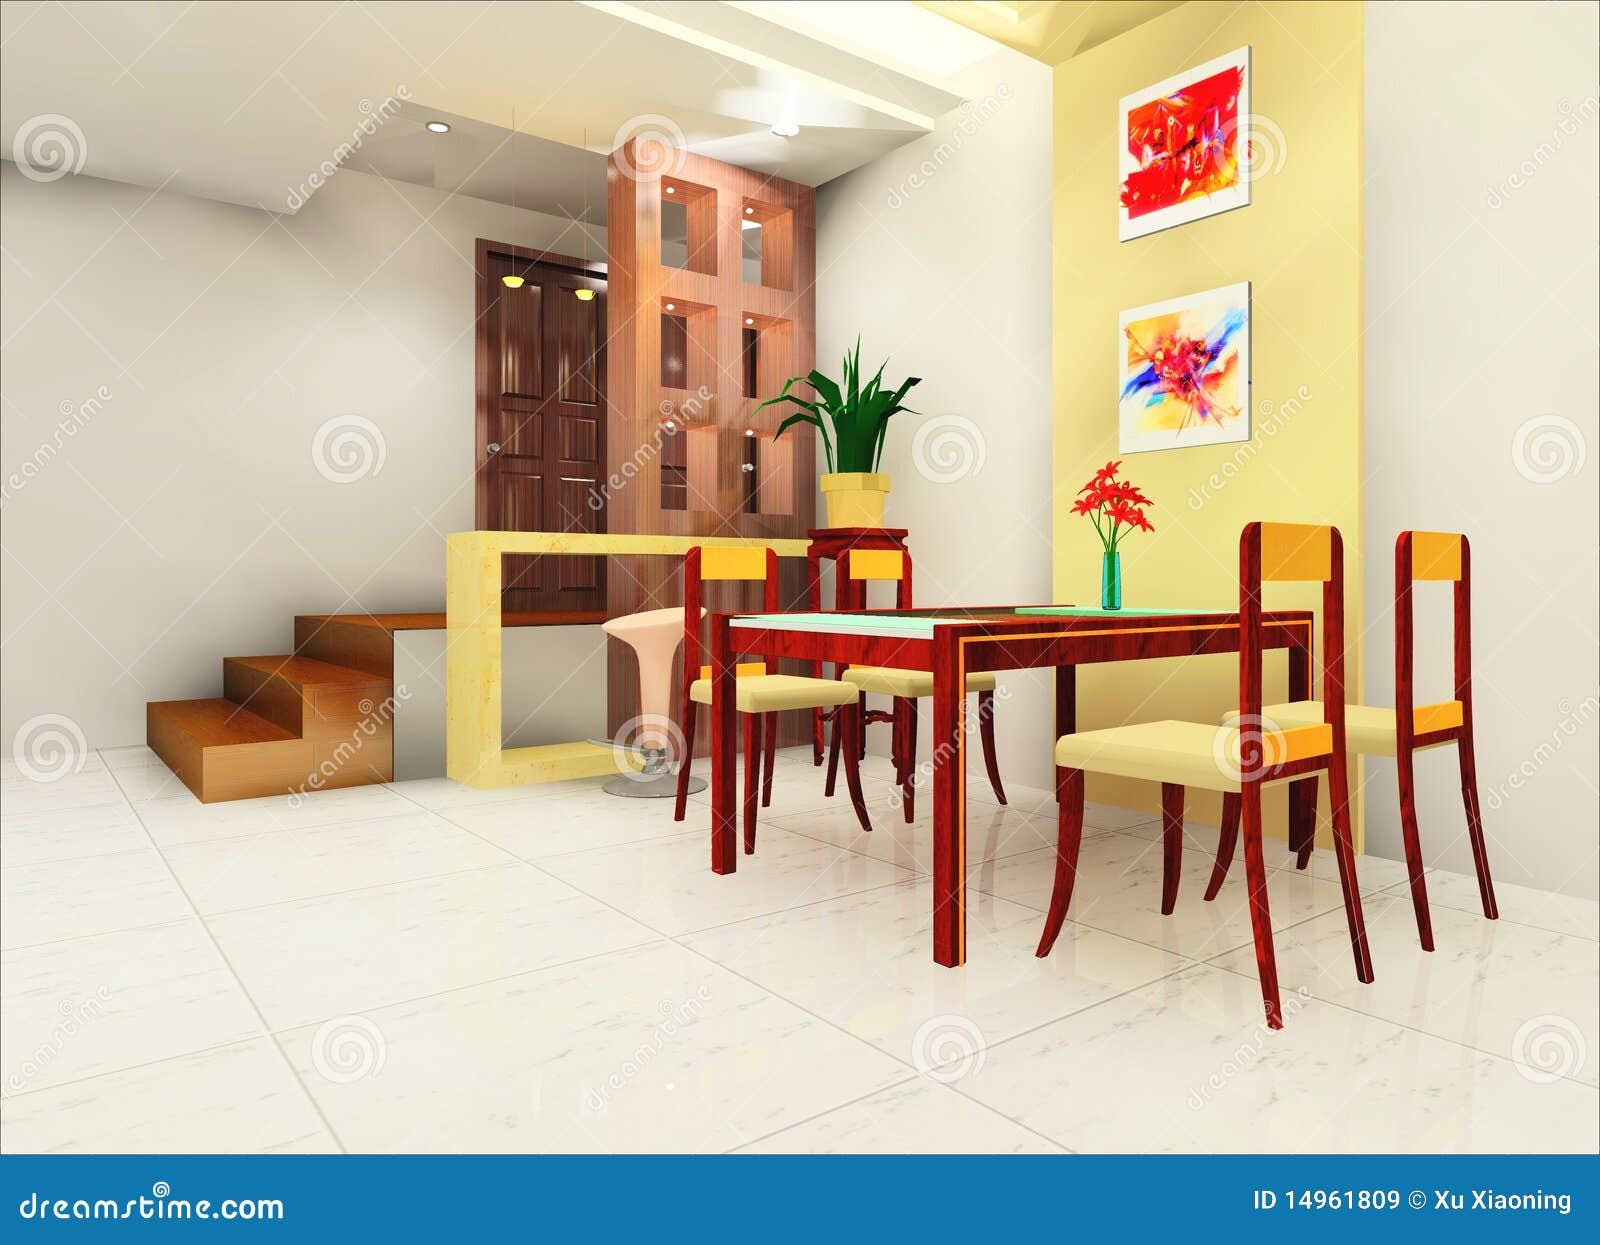 Cozinha E Corredor Imagens de Stock Royalty Free Imagem: 14961809 #BB9110 1300 1028